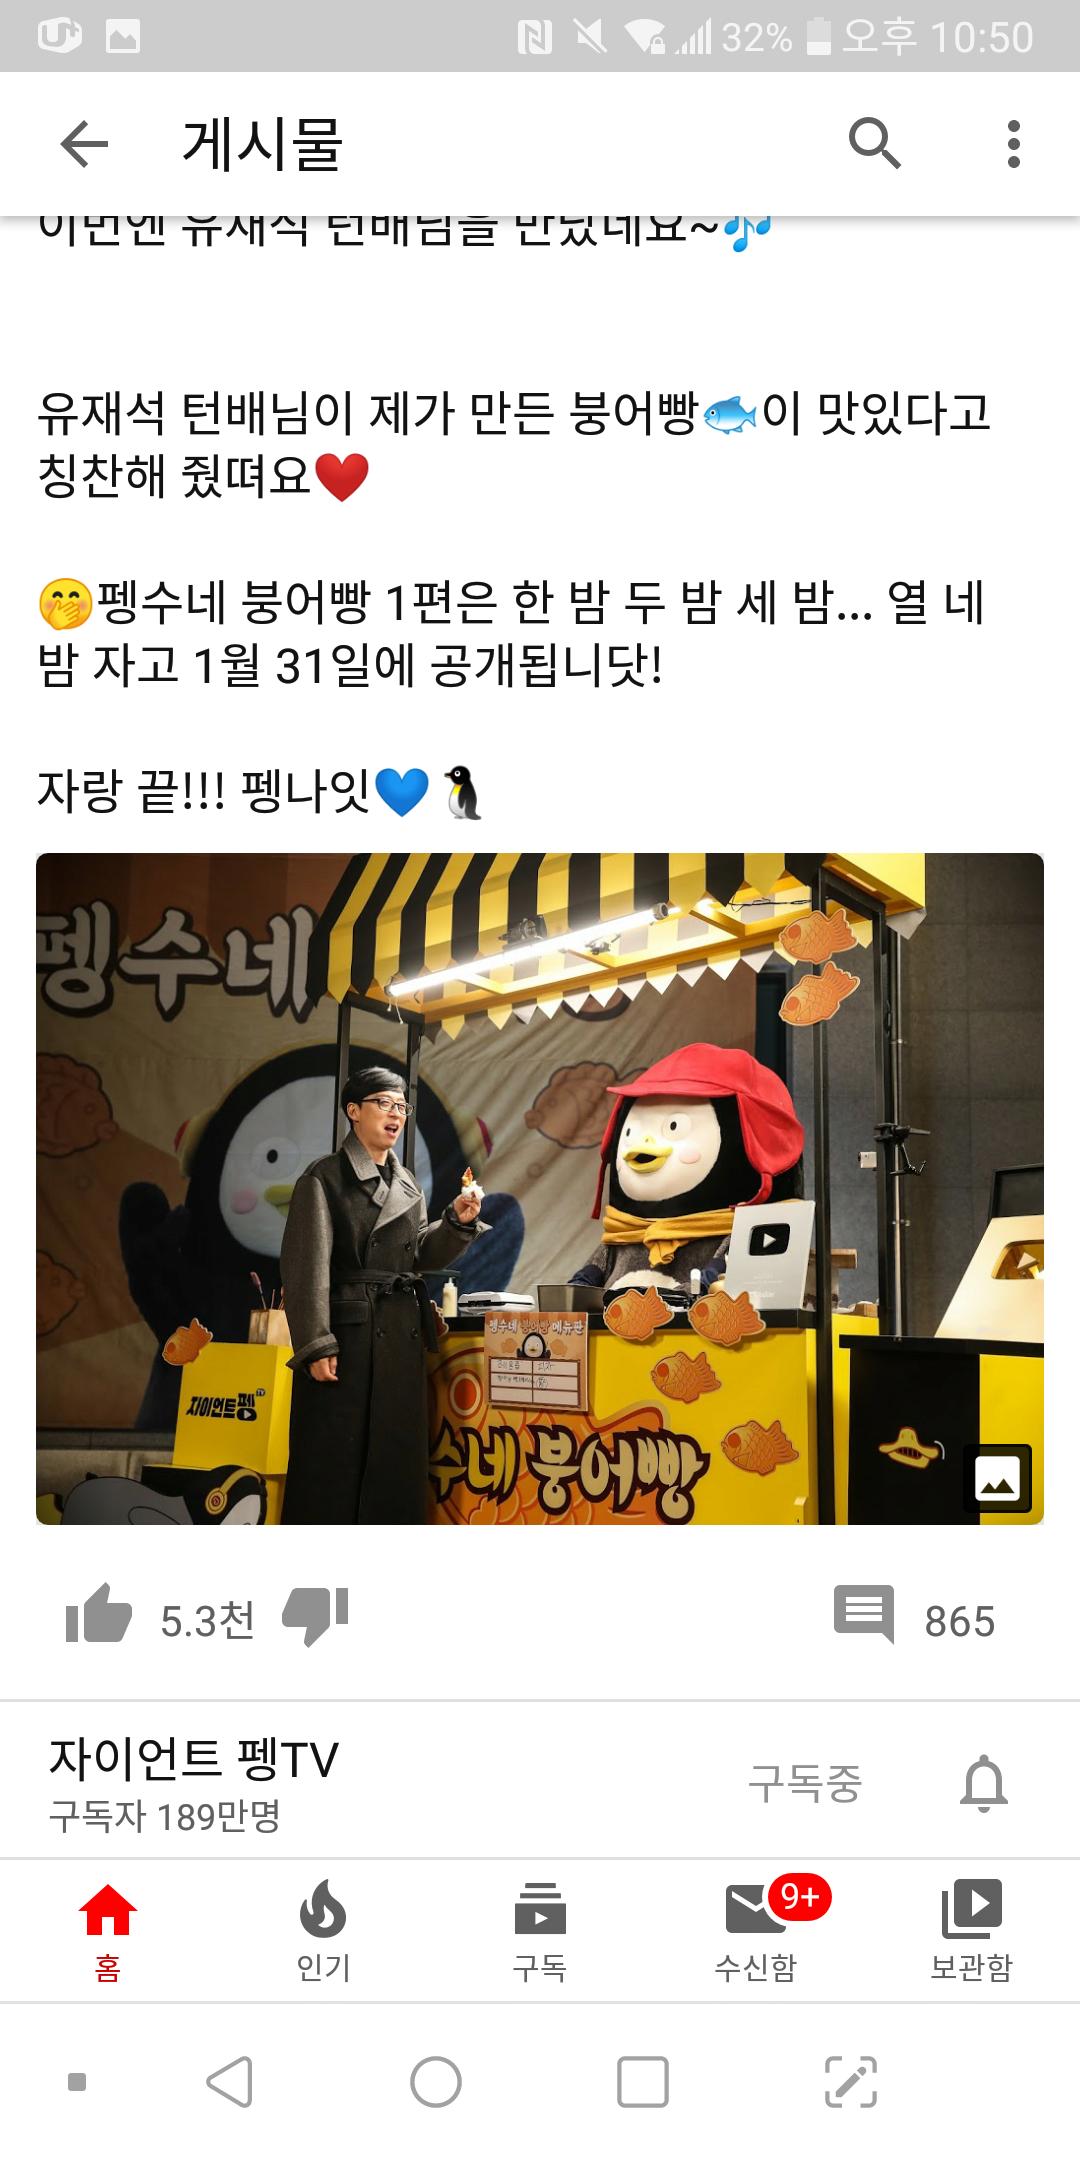 Screenshot_2020-01-17-22-50-54.png 펭수X유재석 콜라보 예정